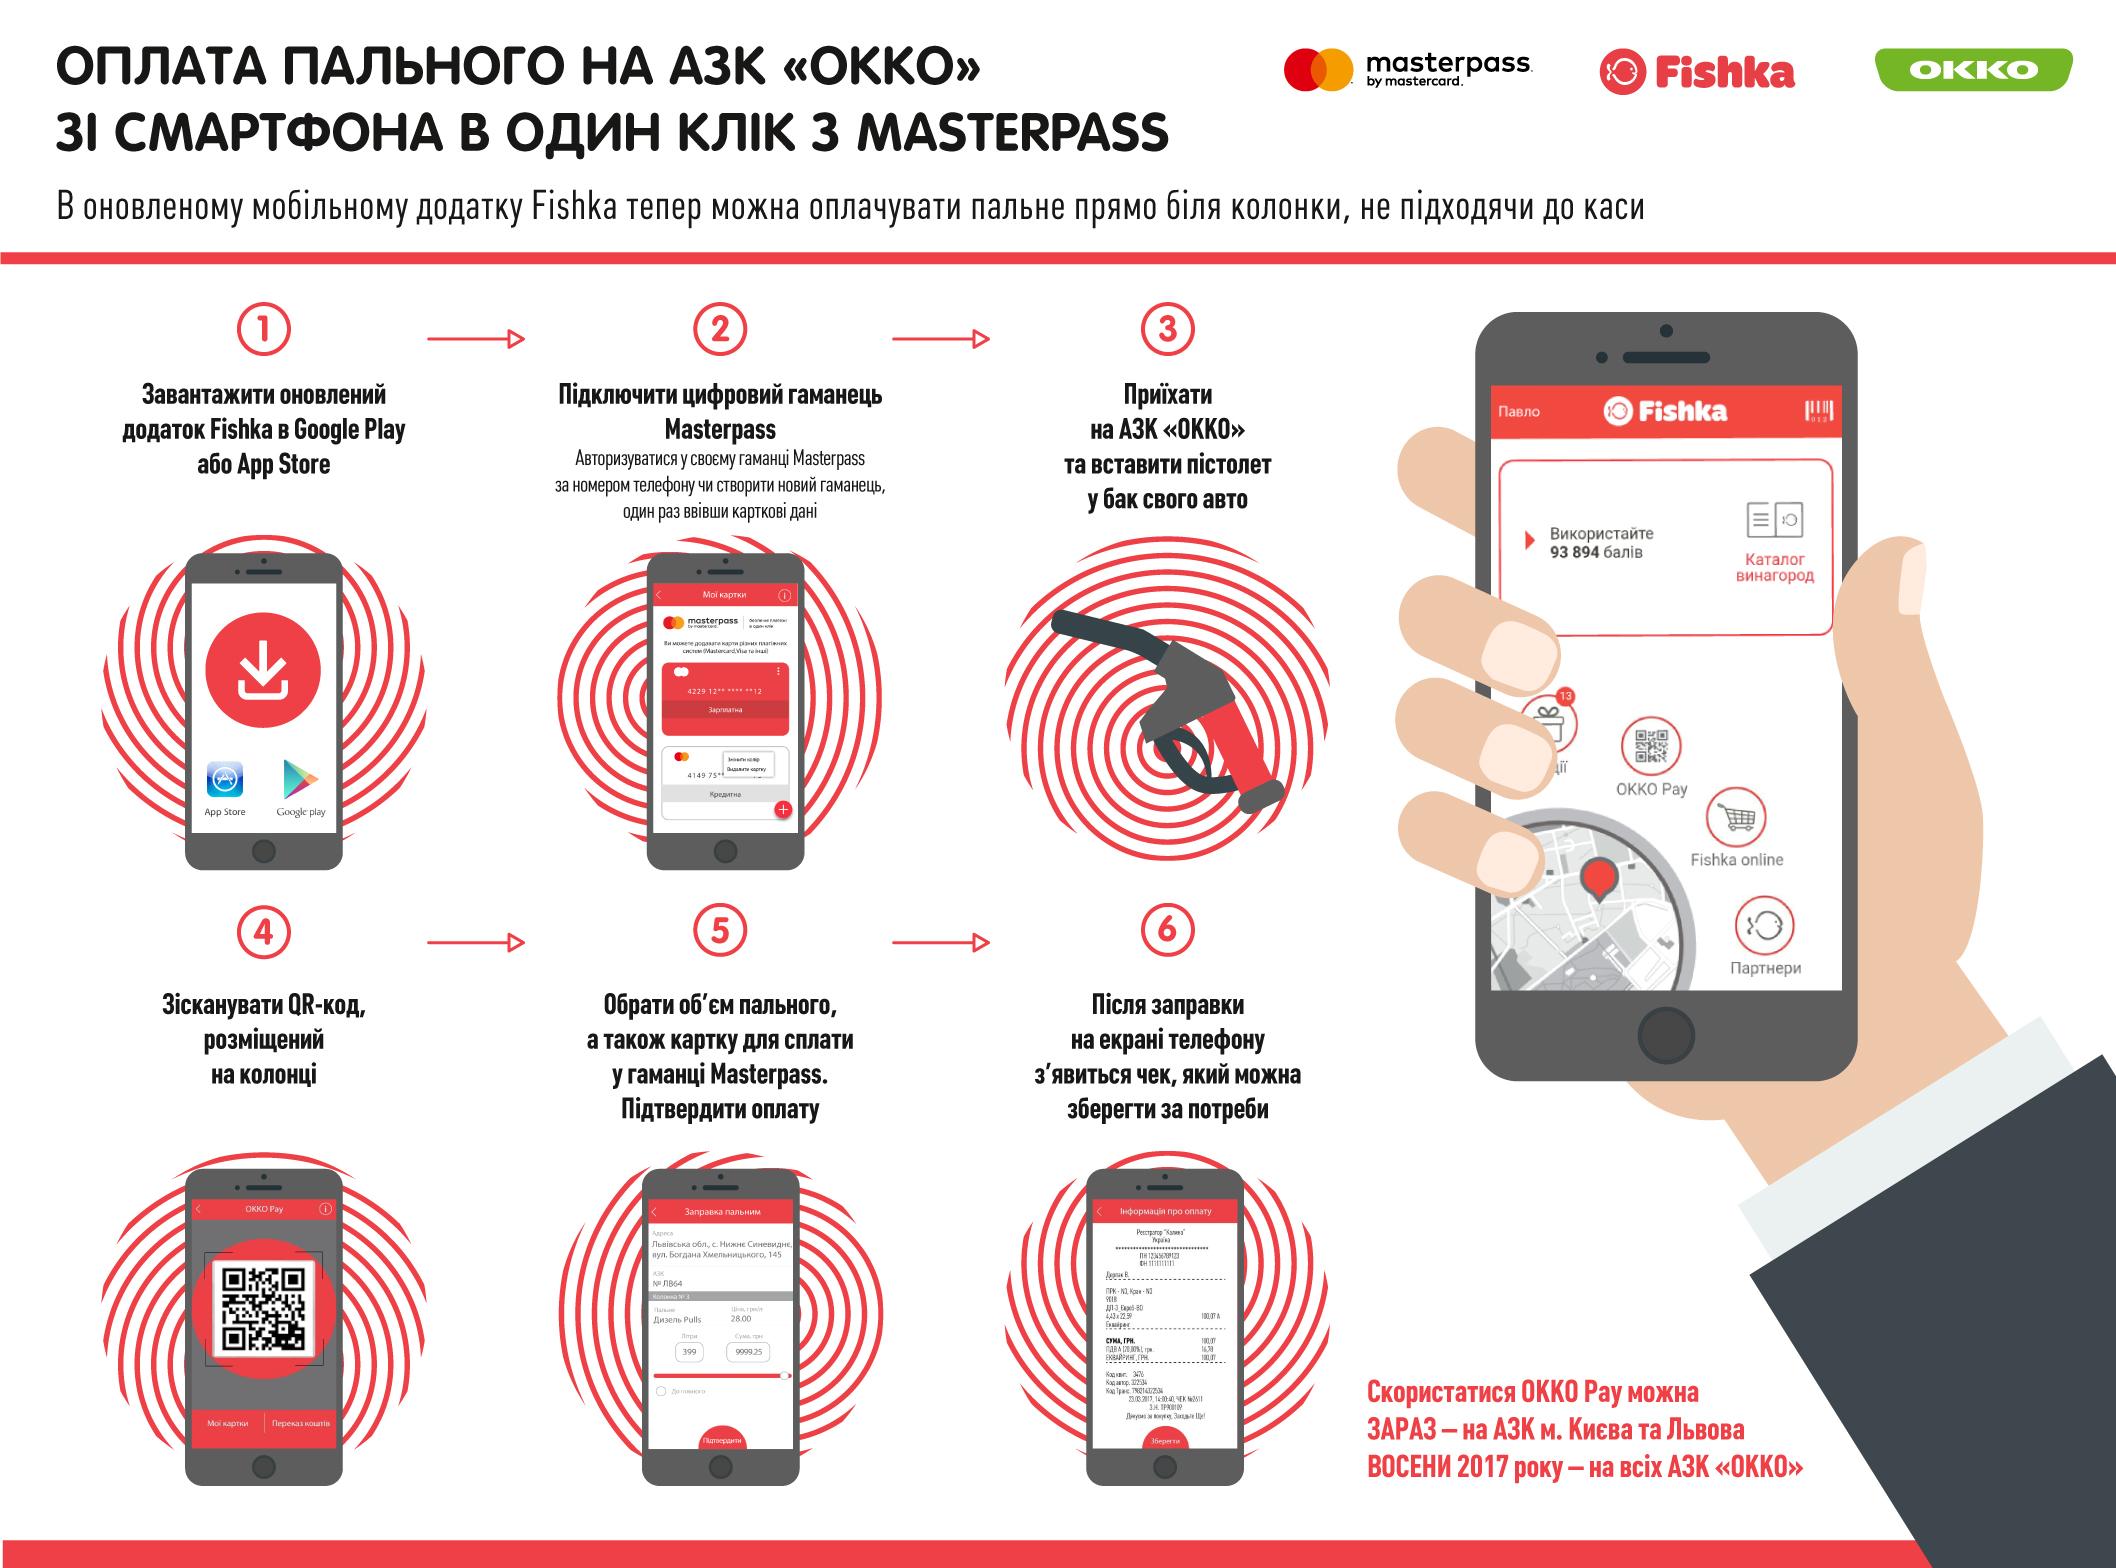 Новый сервис от «ОККО» и Mastercard: оплачивайте топливо на колонке, не подходя к кассе  1